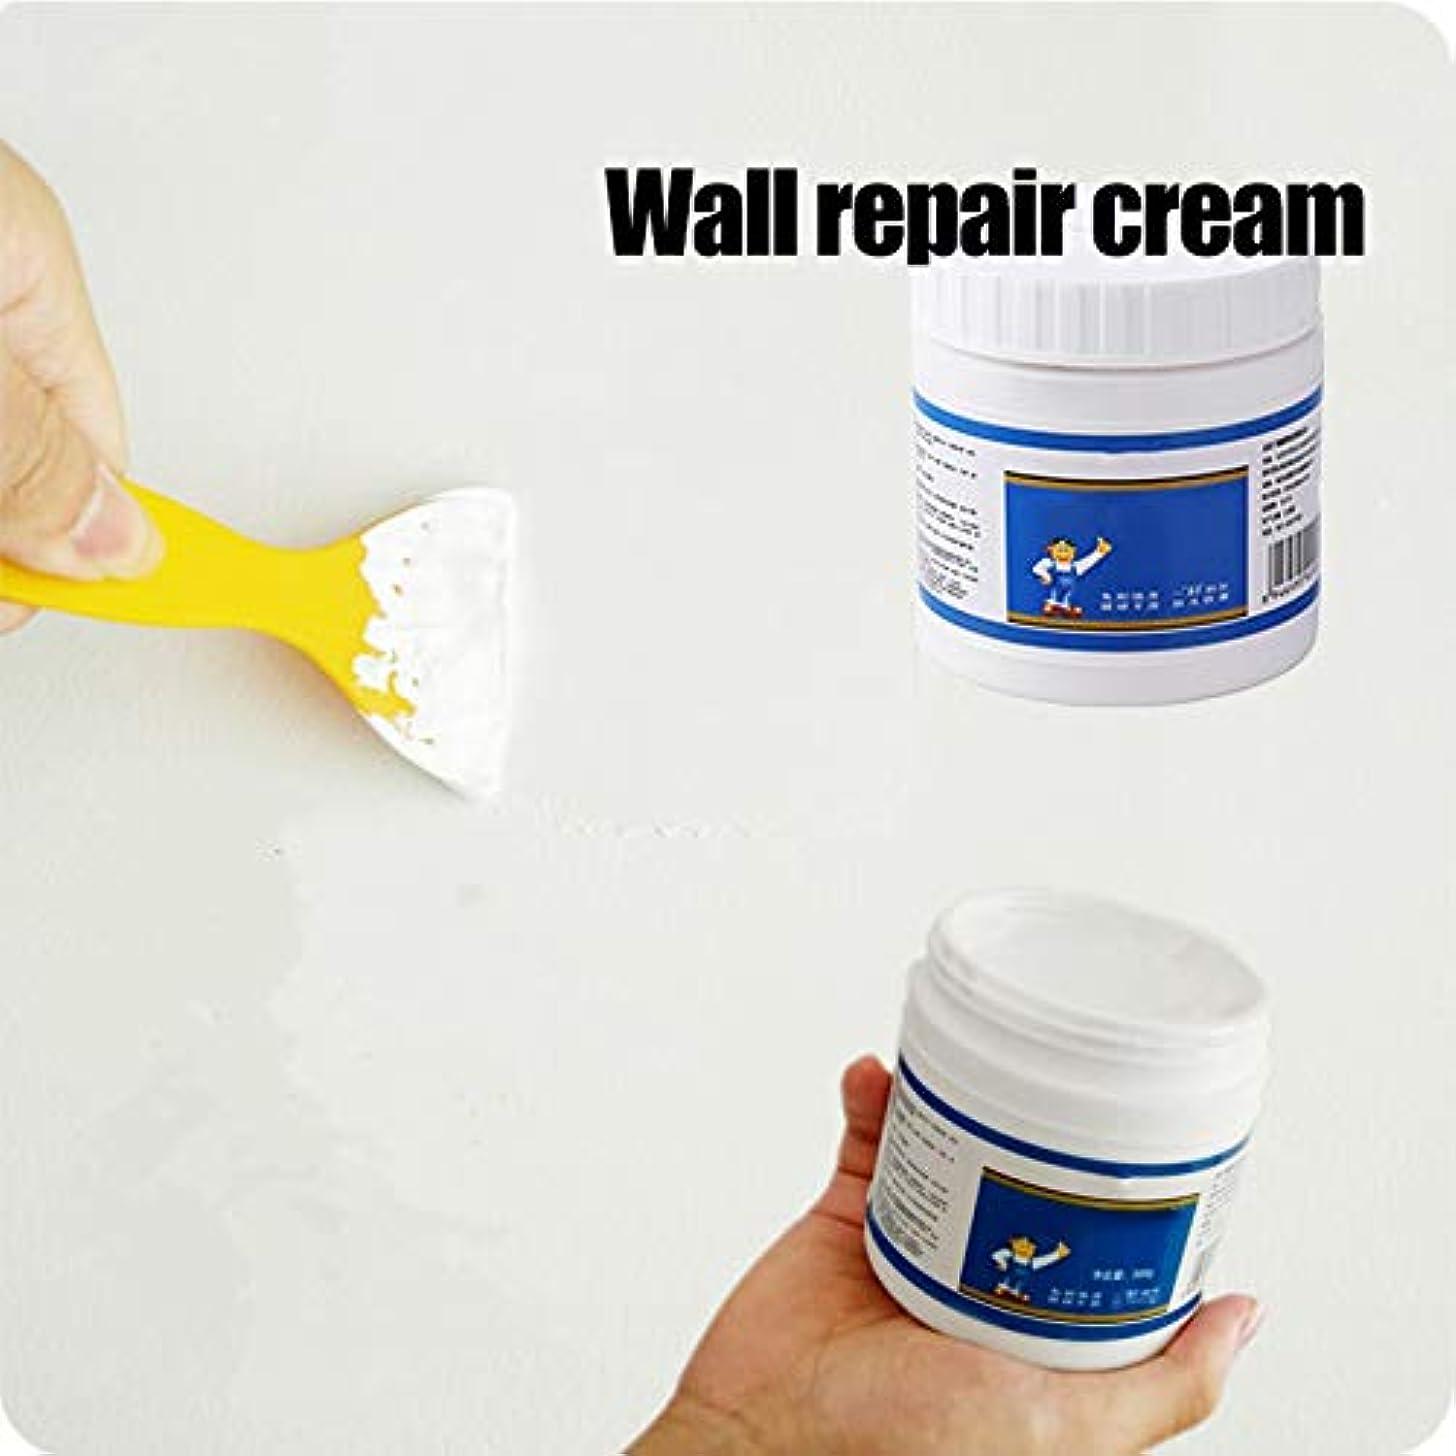 アストロラーベ愛情深い鰐Aylincool壁修理クリーム、壁亀裂修理クリーム、ラテックスペースト防水非腐食性ホルムアルデヒドペーストラテックス